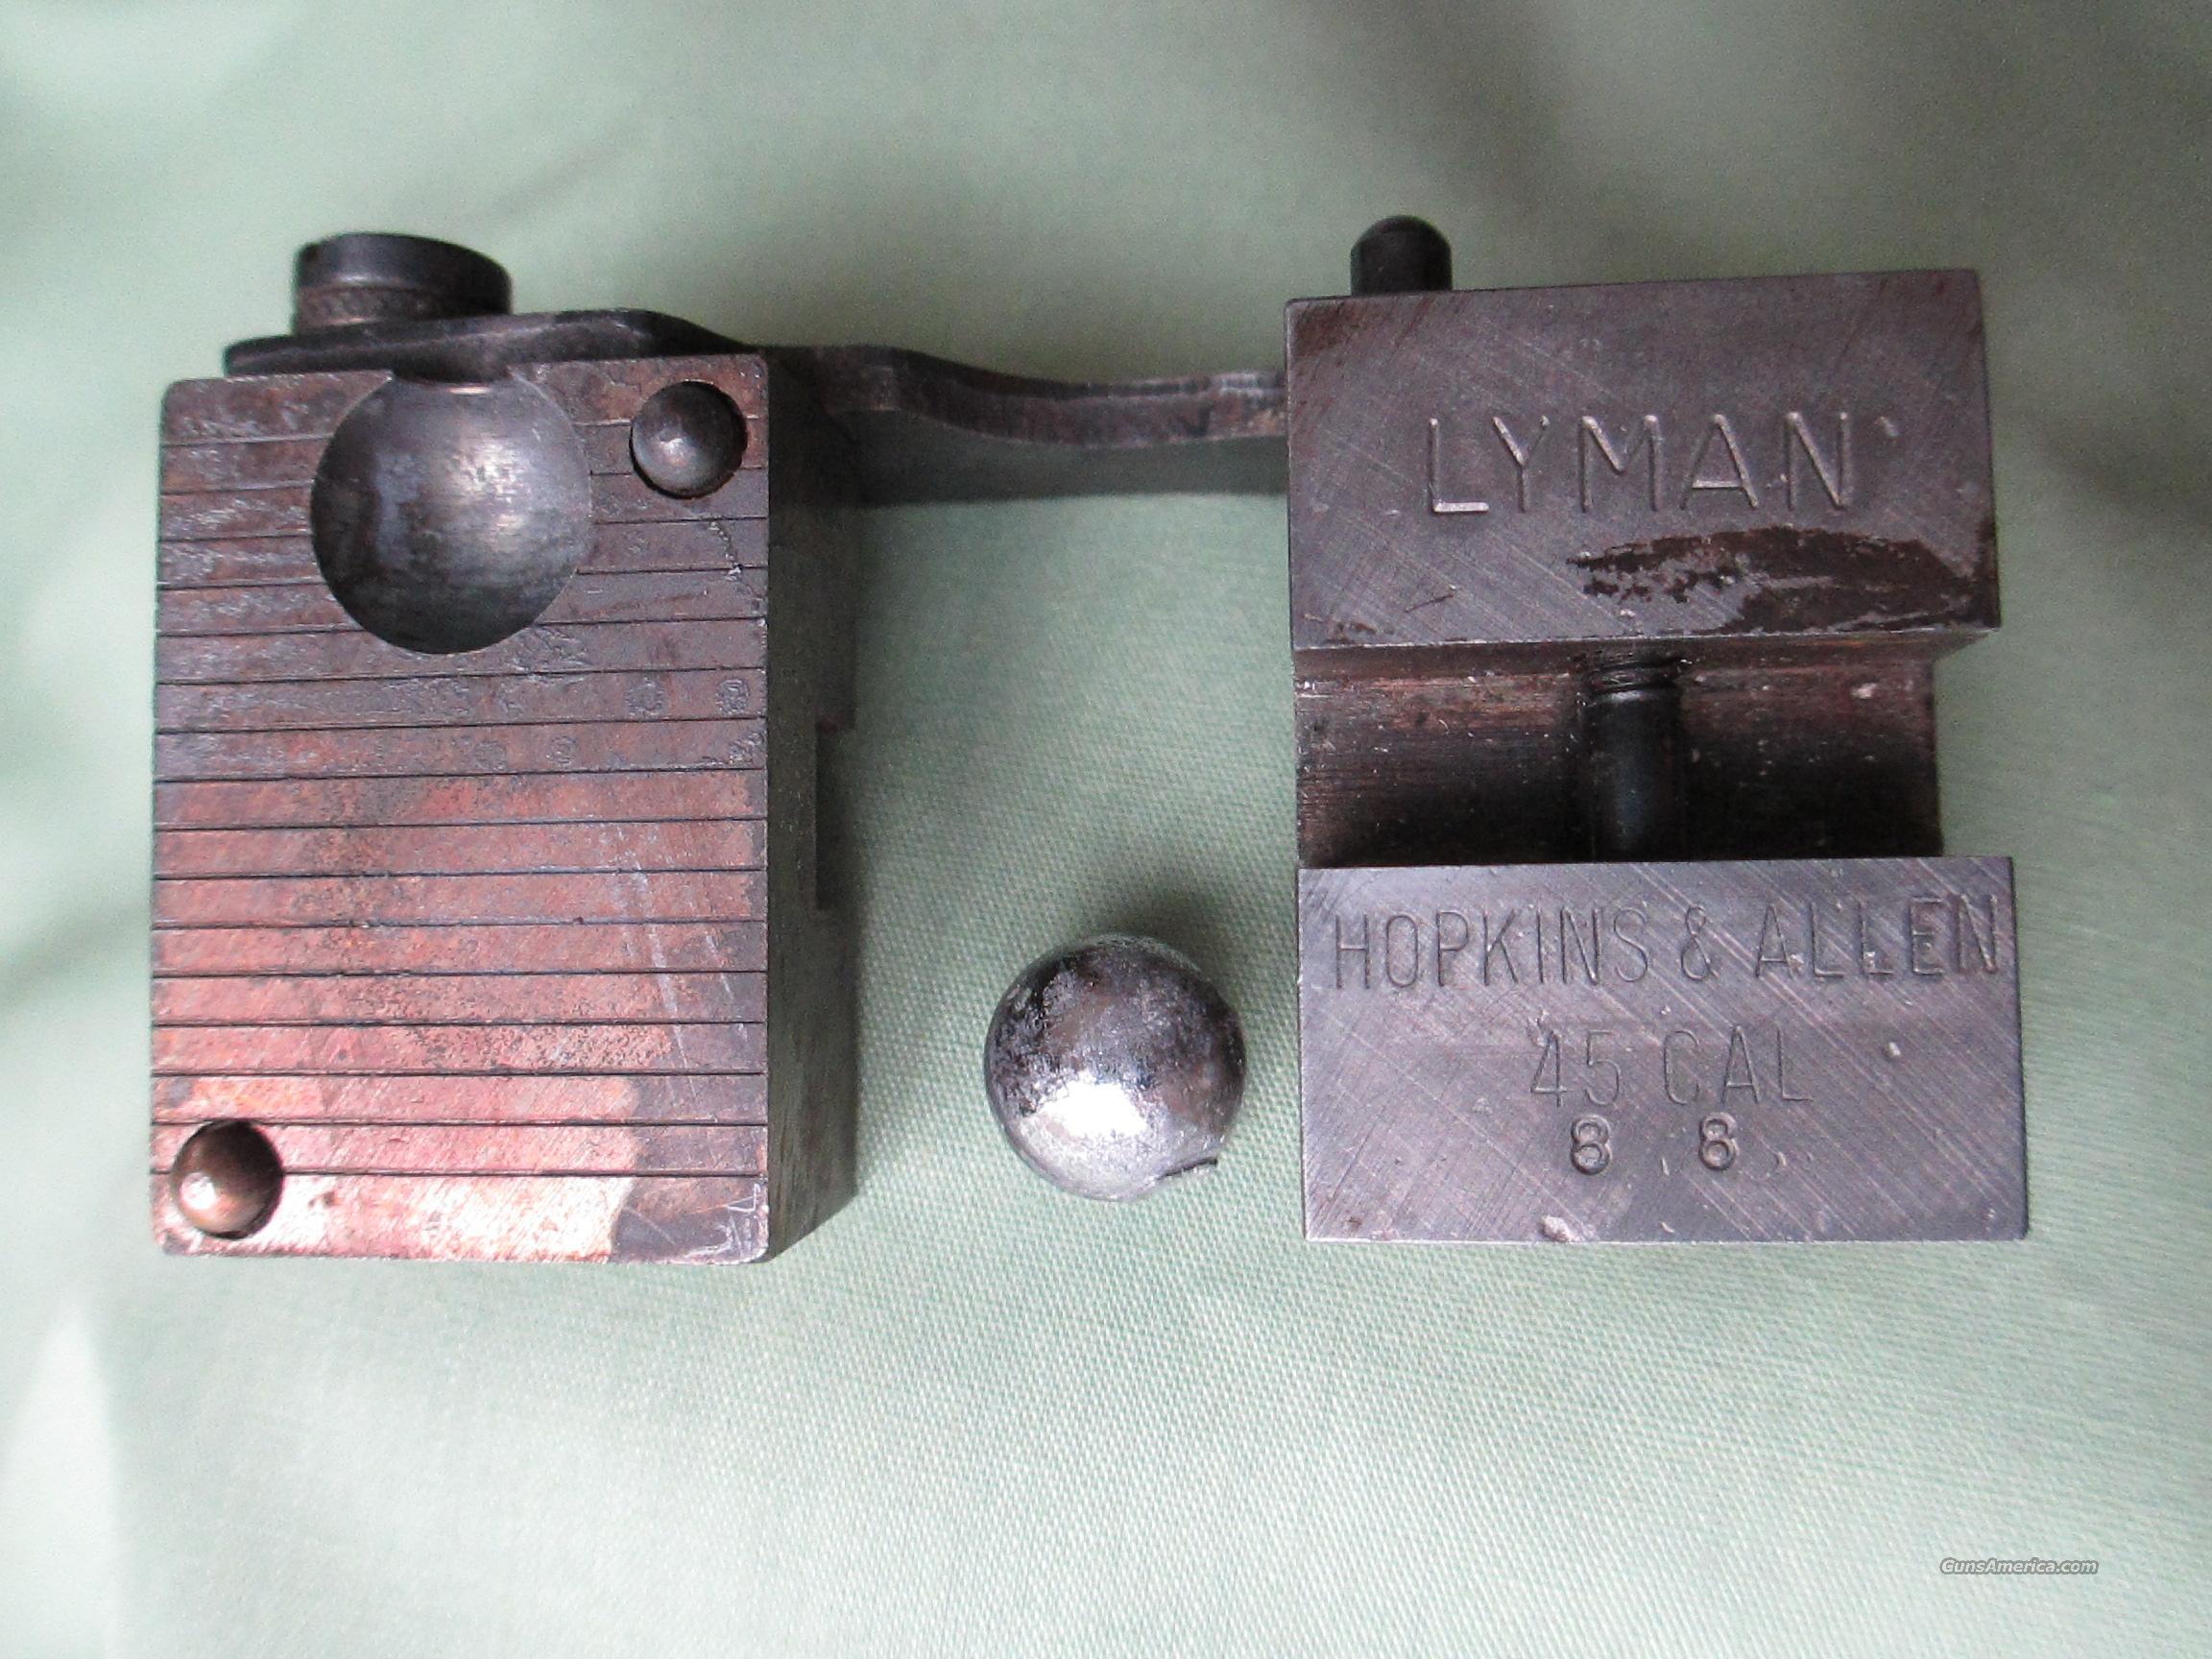 LYMAN .45 CAL HOPKINS & ALLEN  Non-Guns > Bullet Making Supplies